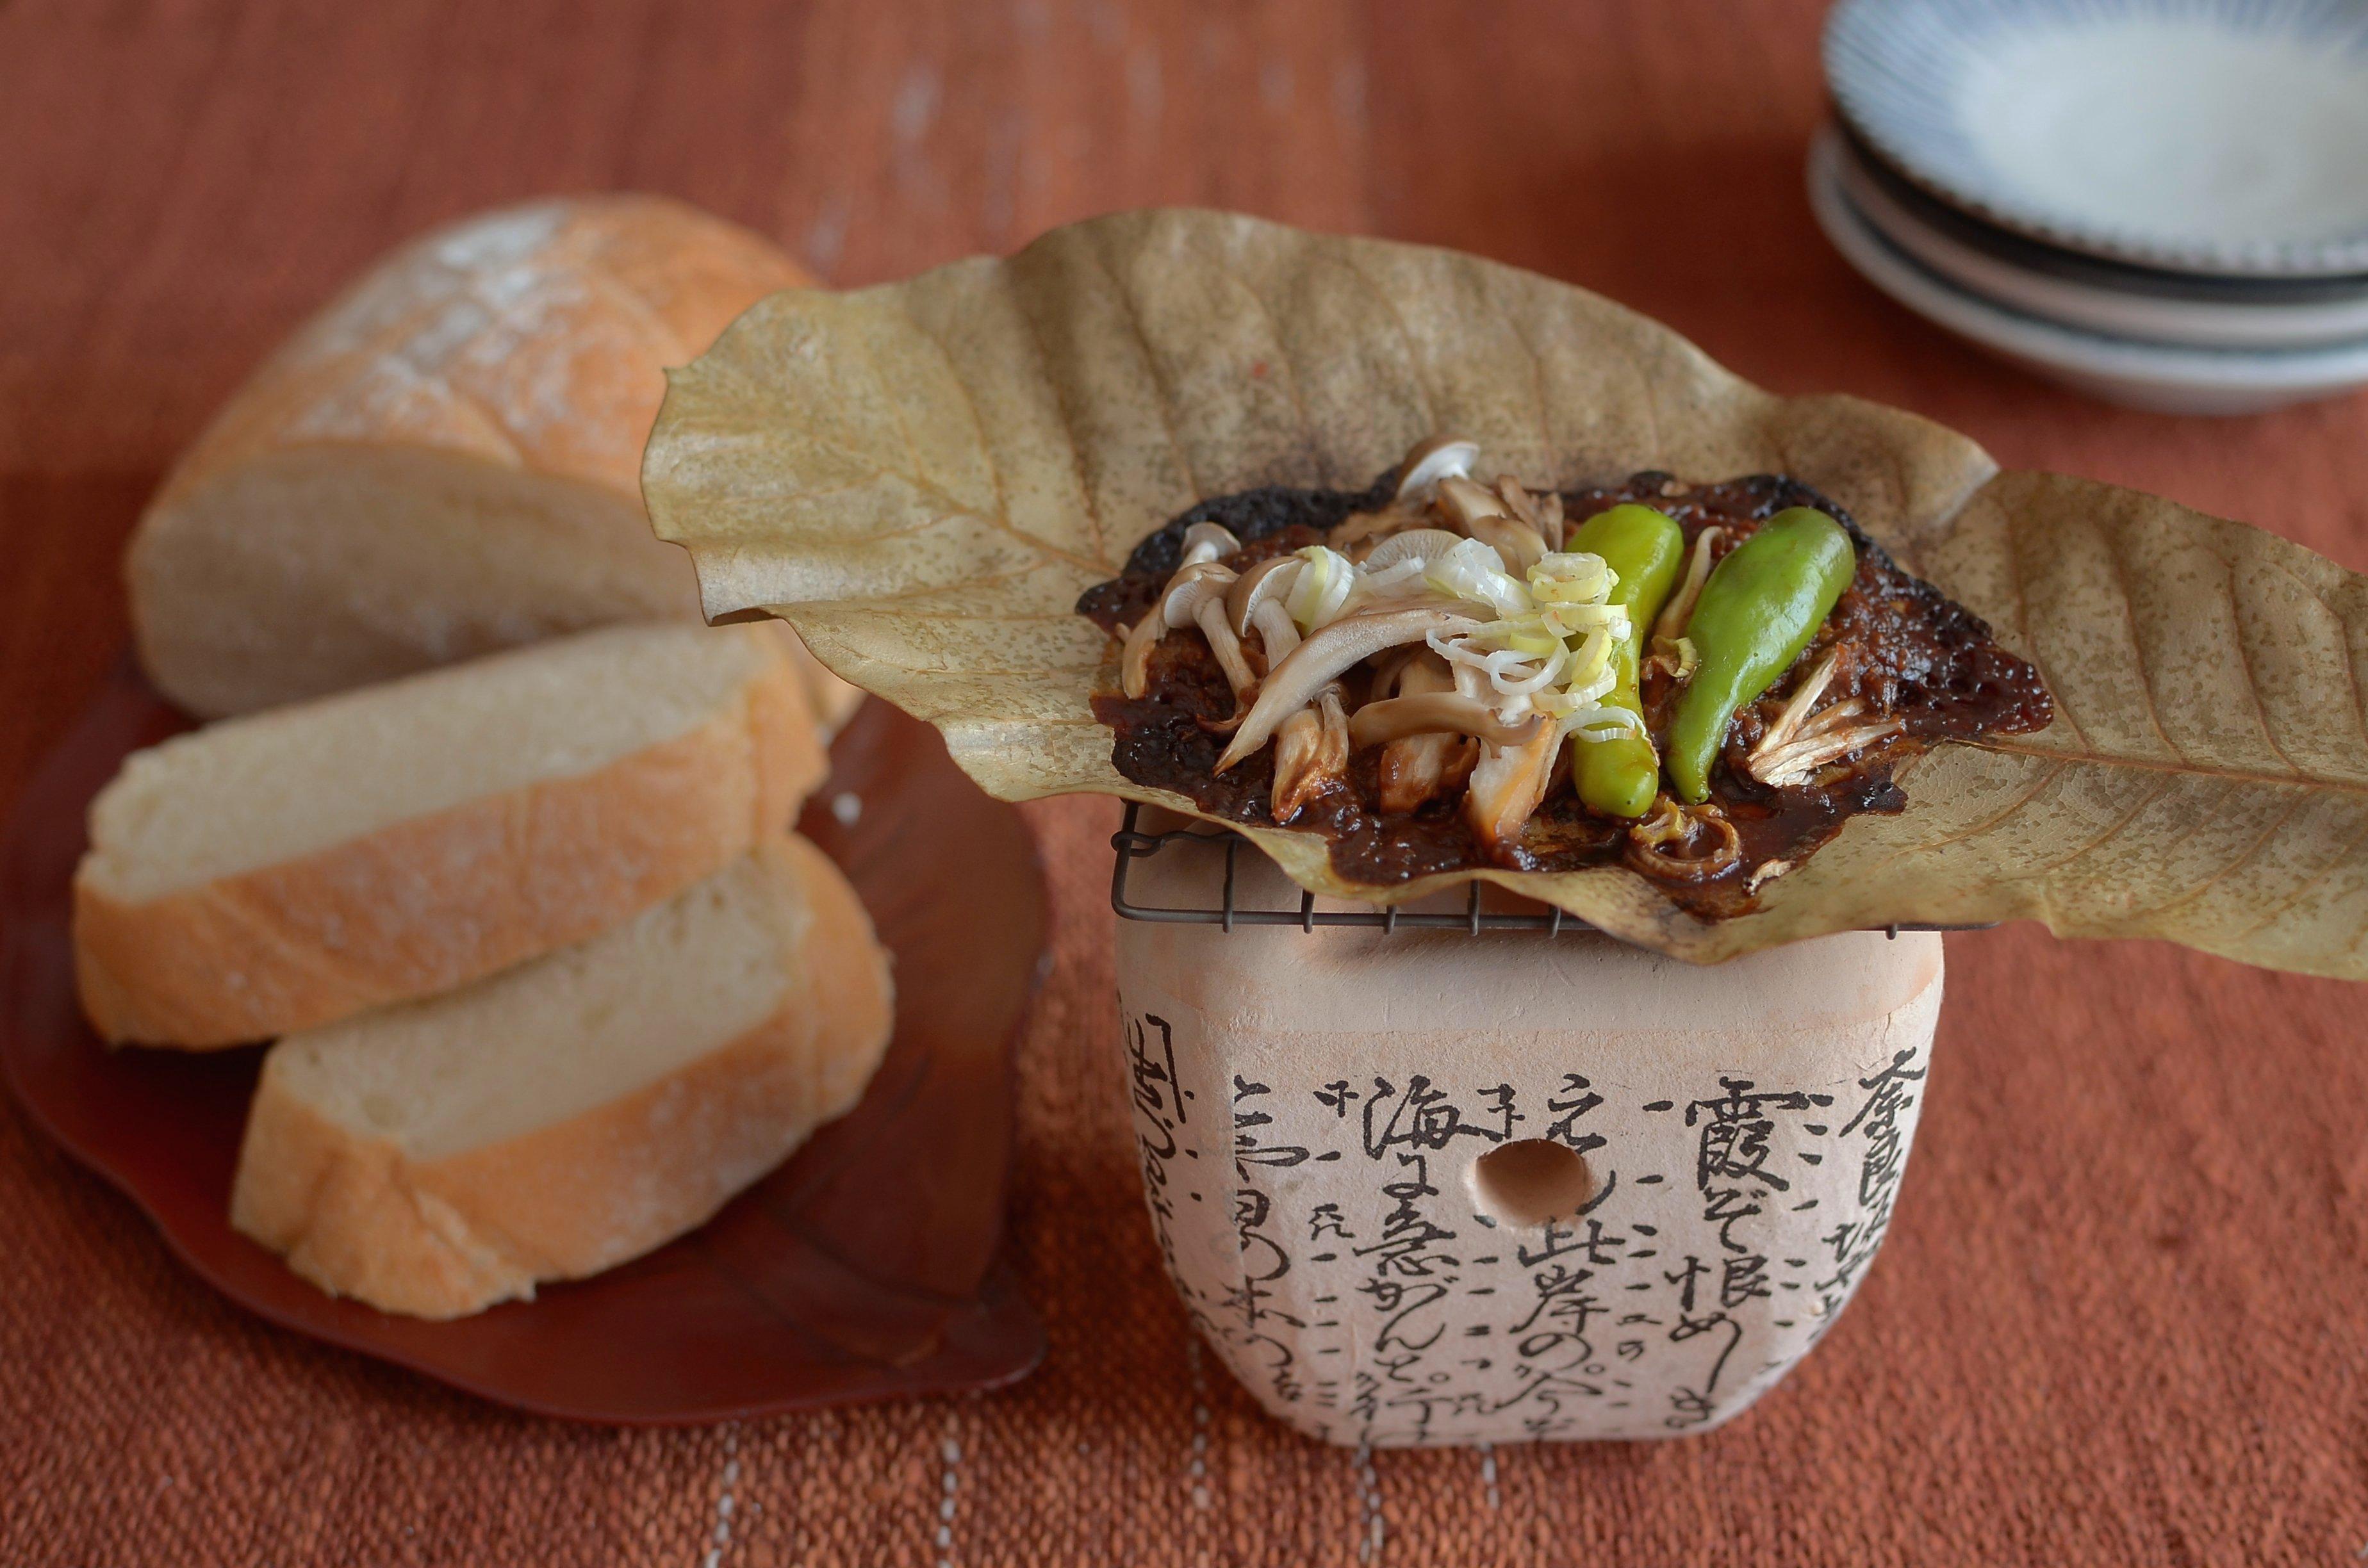 【ぱんと郷土料理と】朴葉味噌